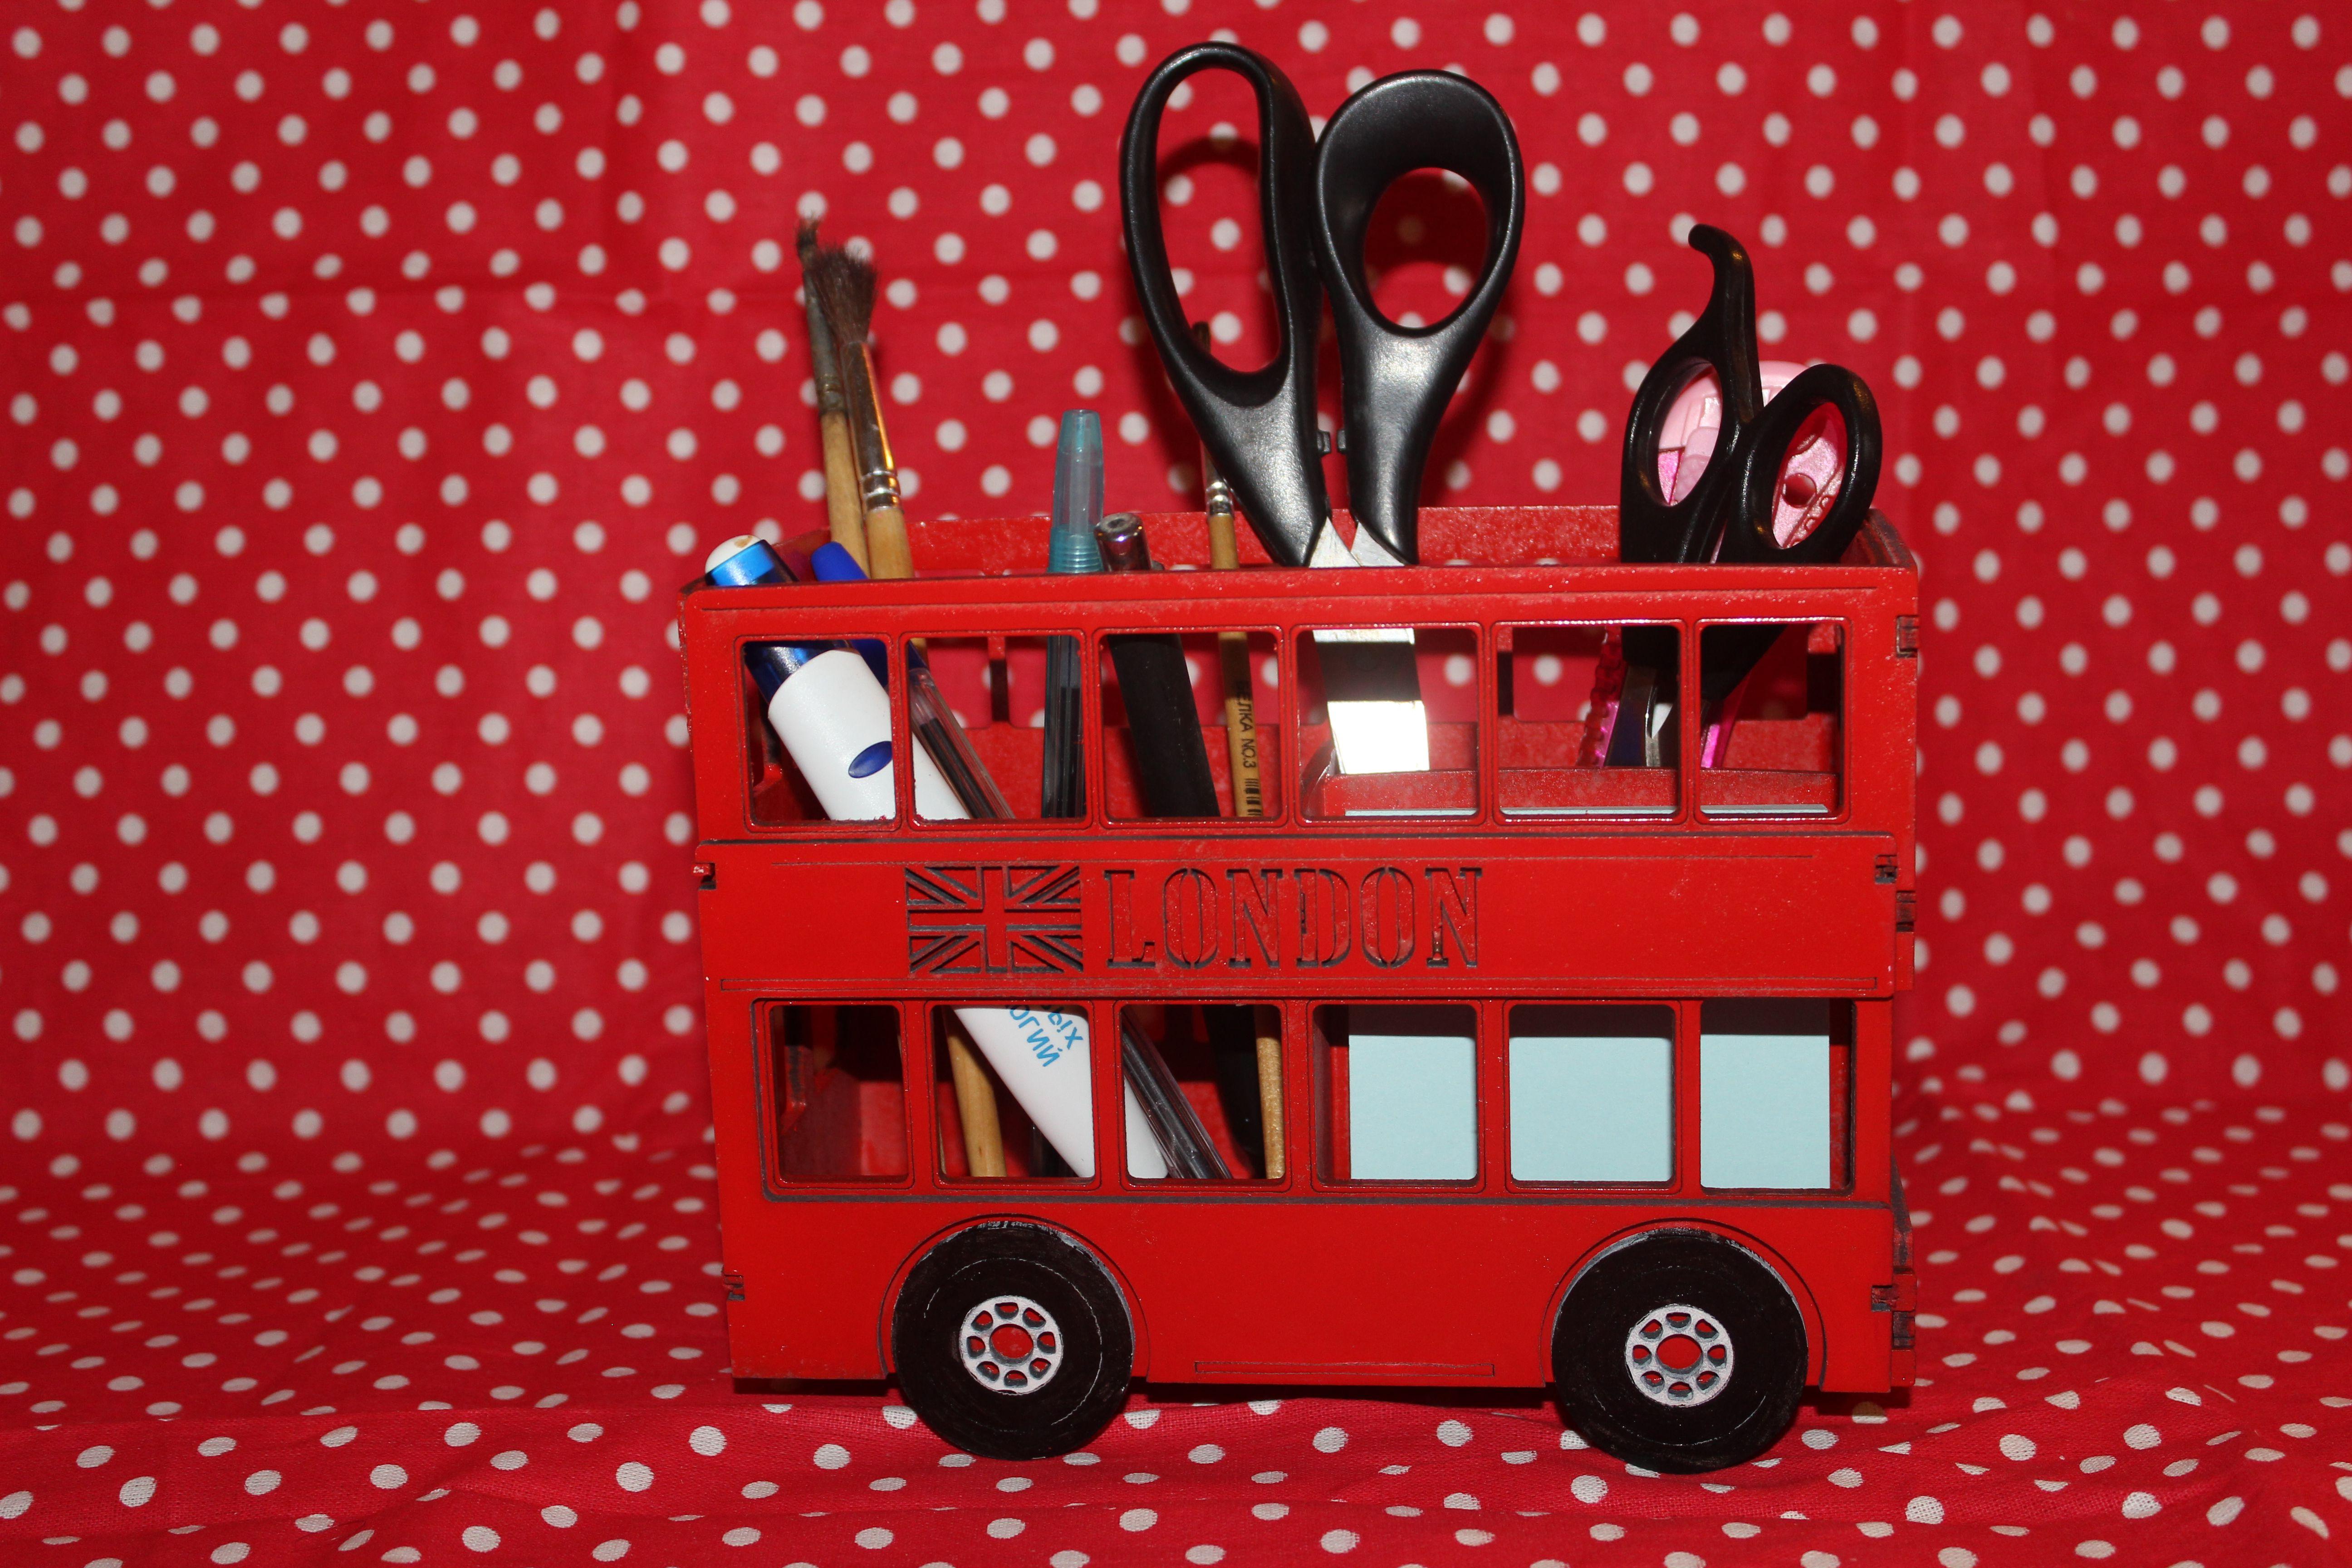 стакан фанеры английский изделия ручек школьникам автобус органайзер для стиль